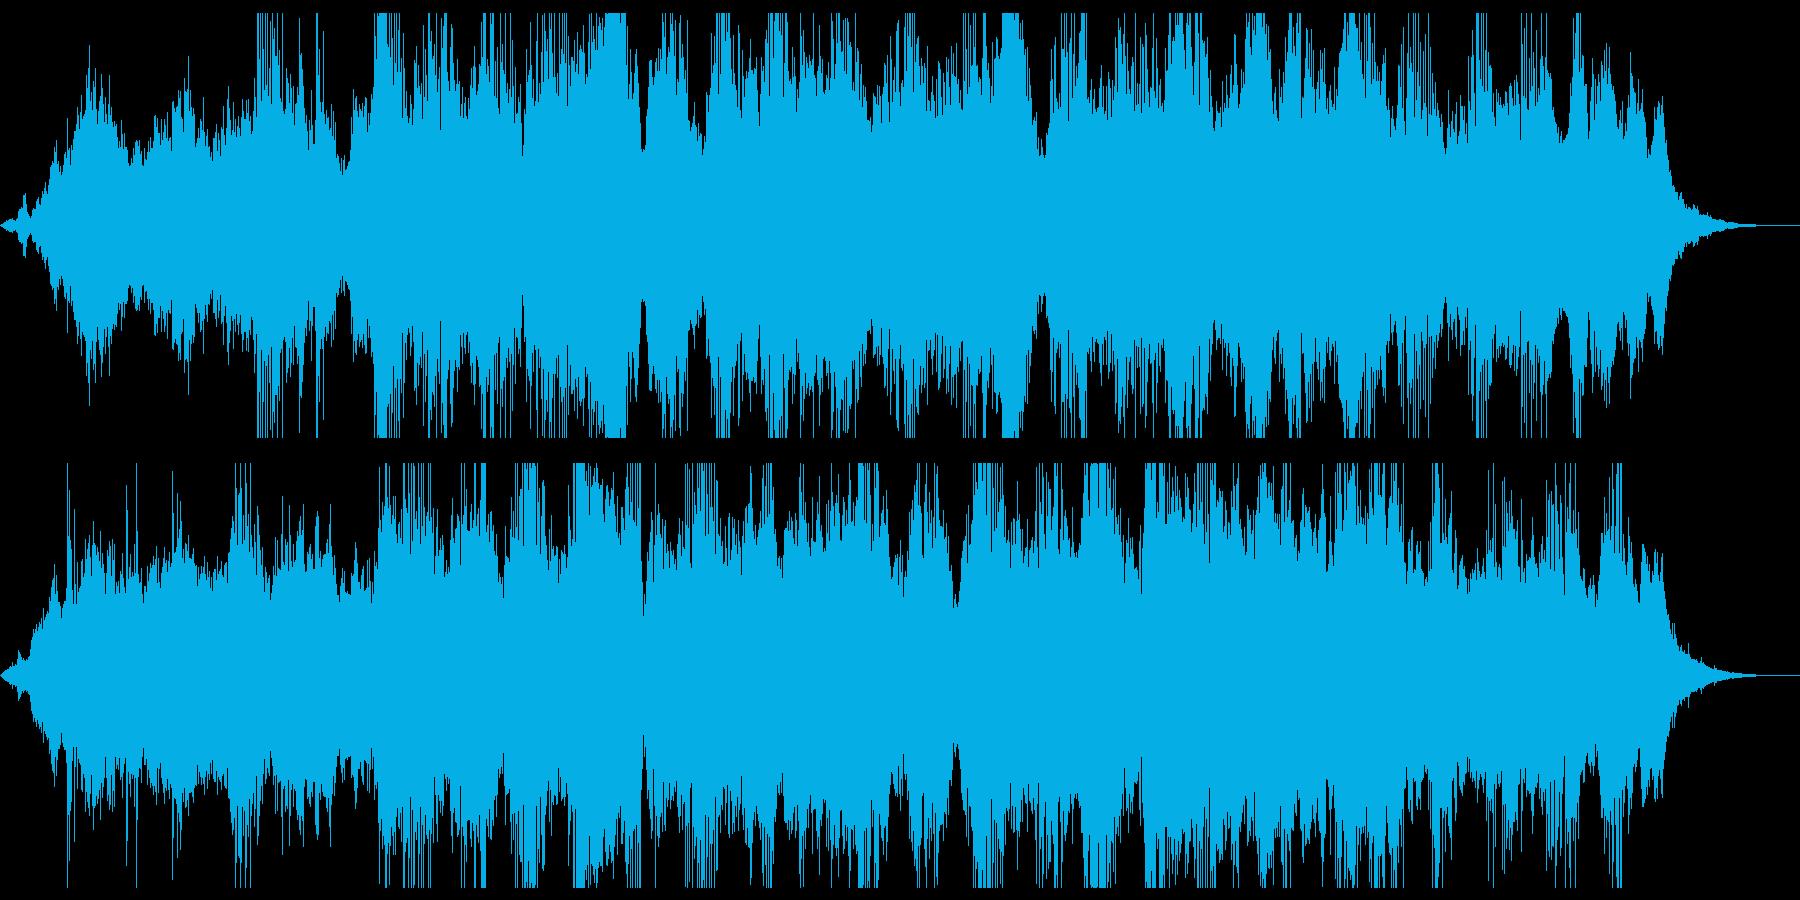 暗い雰囲気のアンビエントなBGMの再生済みの波形